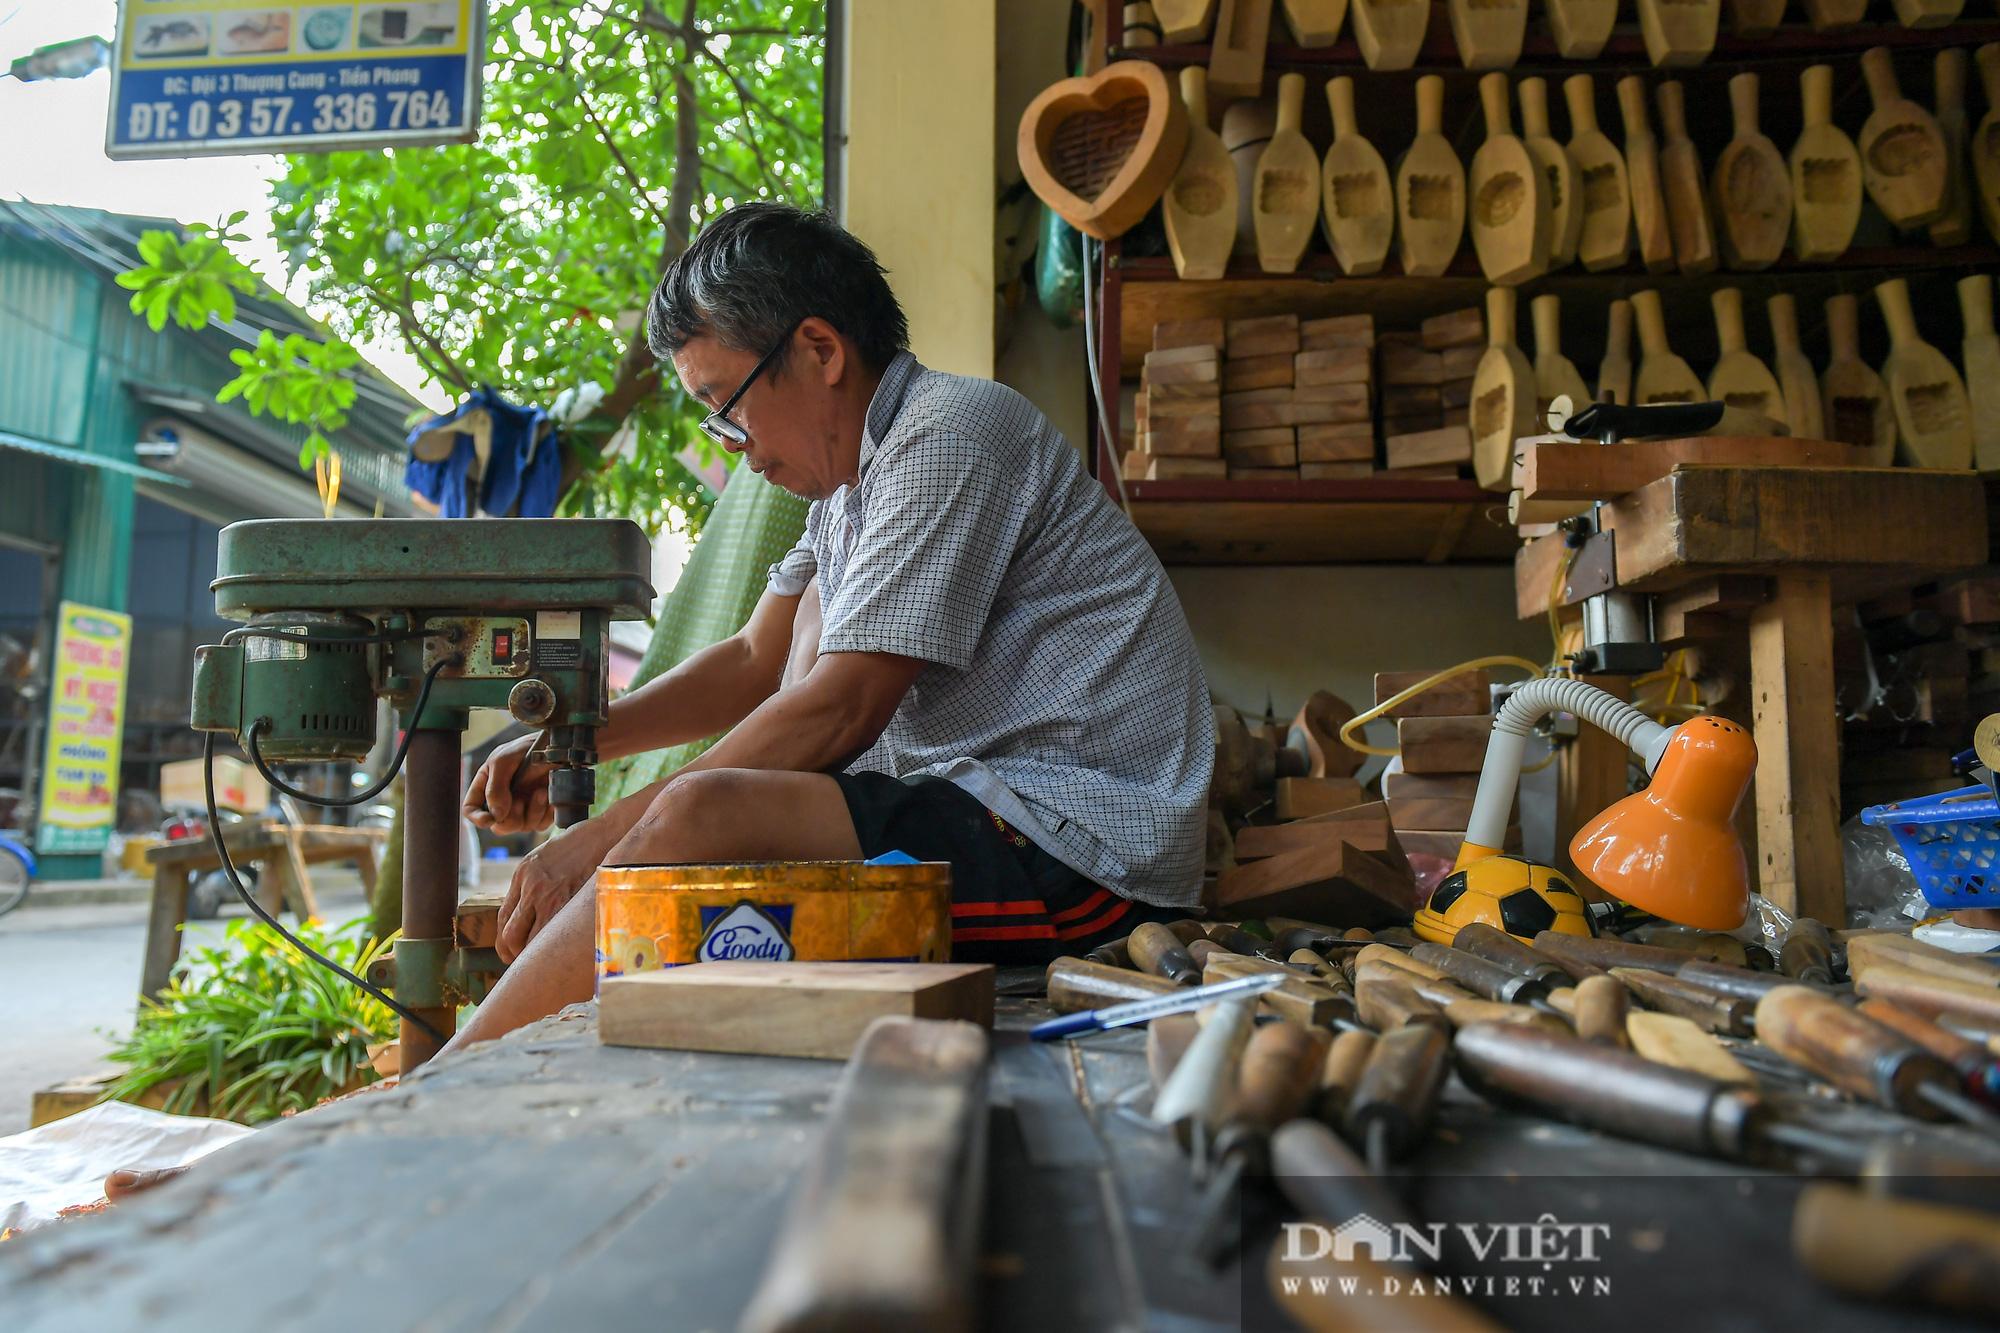 Chiêm ngưỡng kỹ năng điêu luyện của người đàn ông 40 năm làm khuôn bánh trung thu - Ảnh 5.